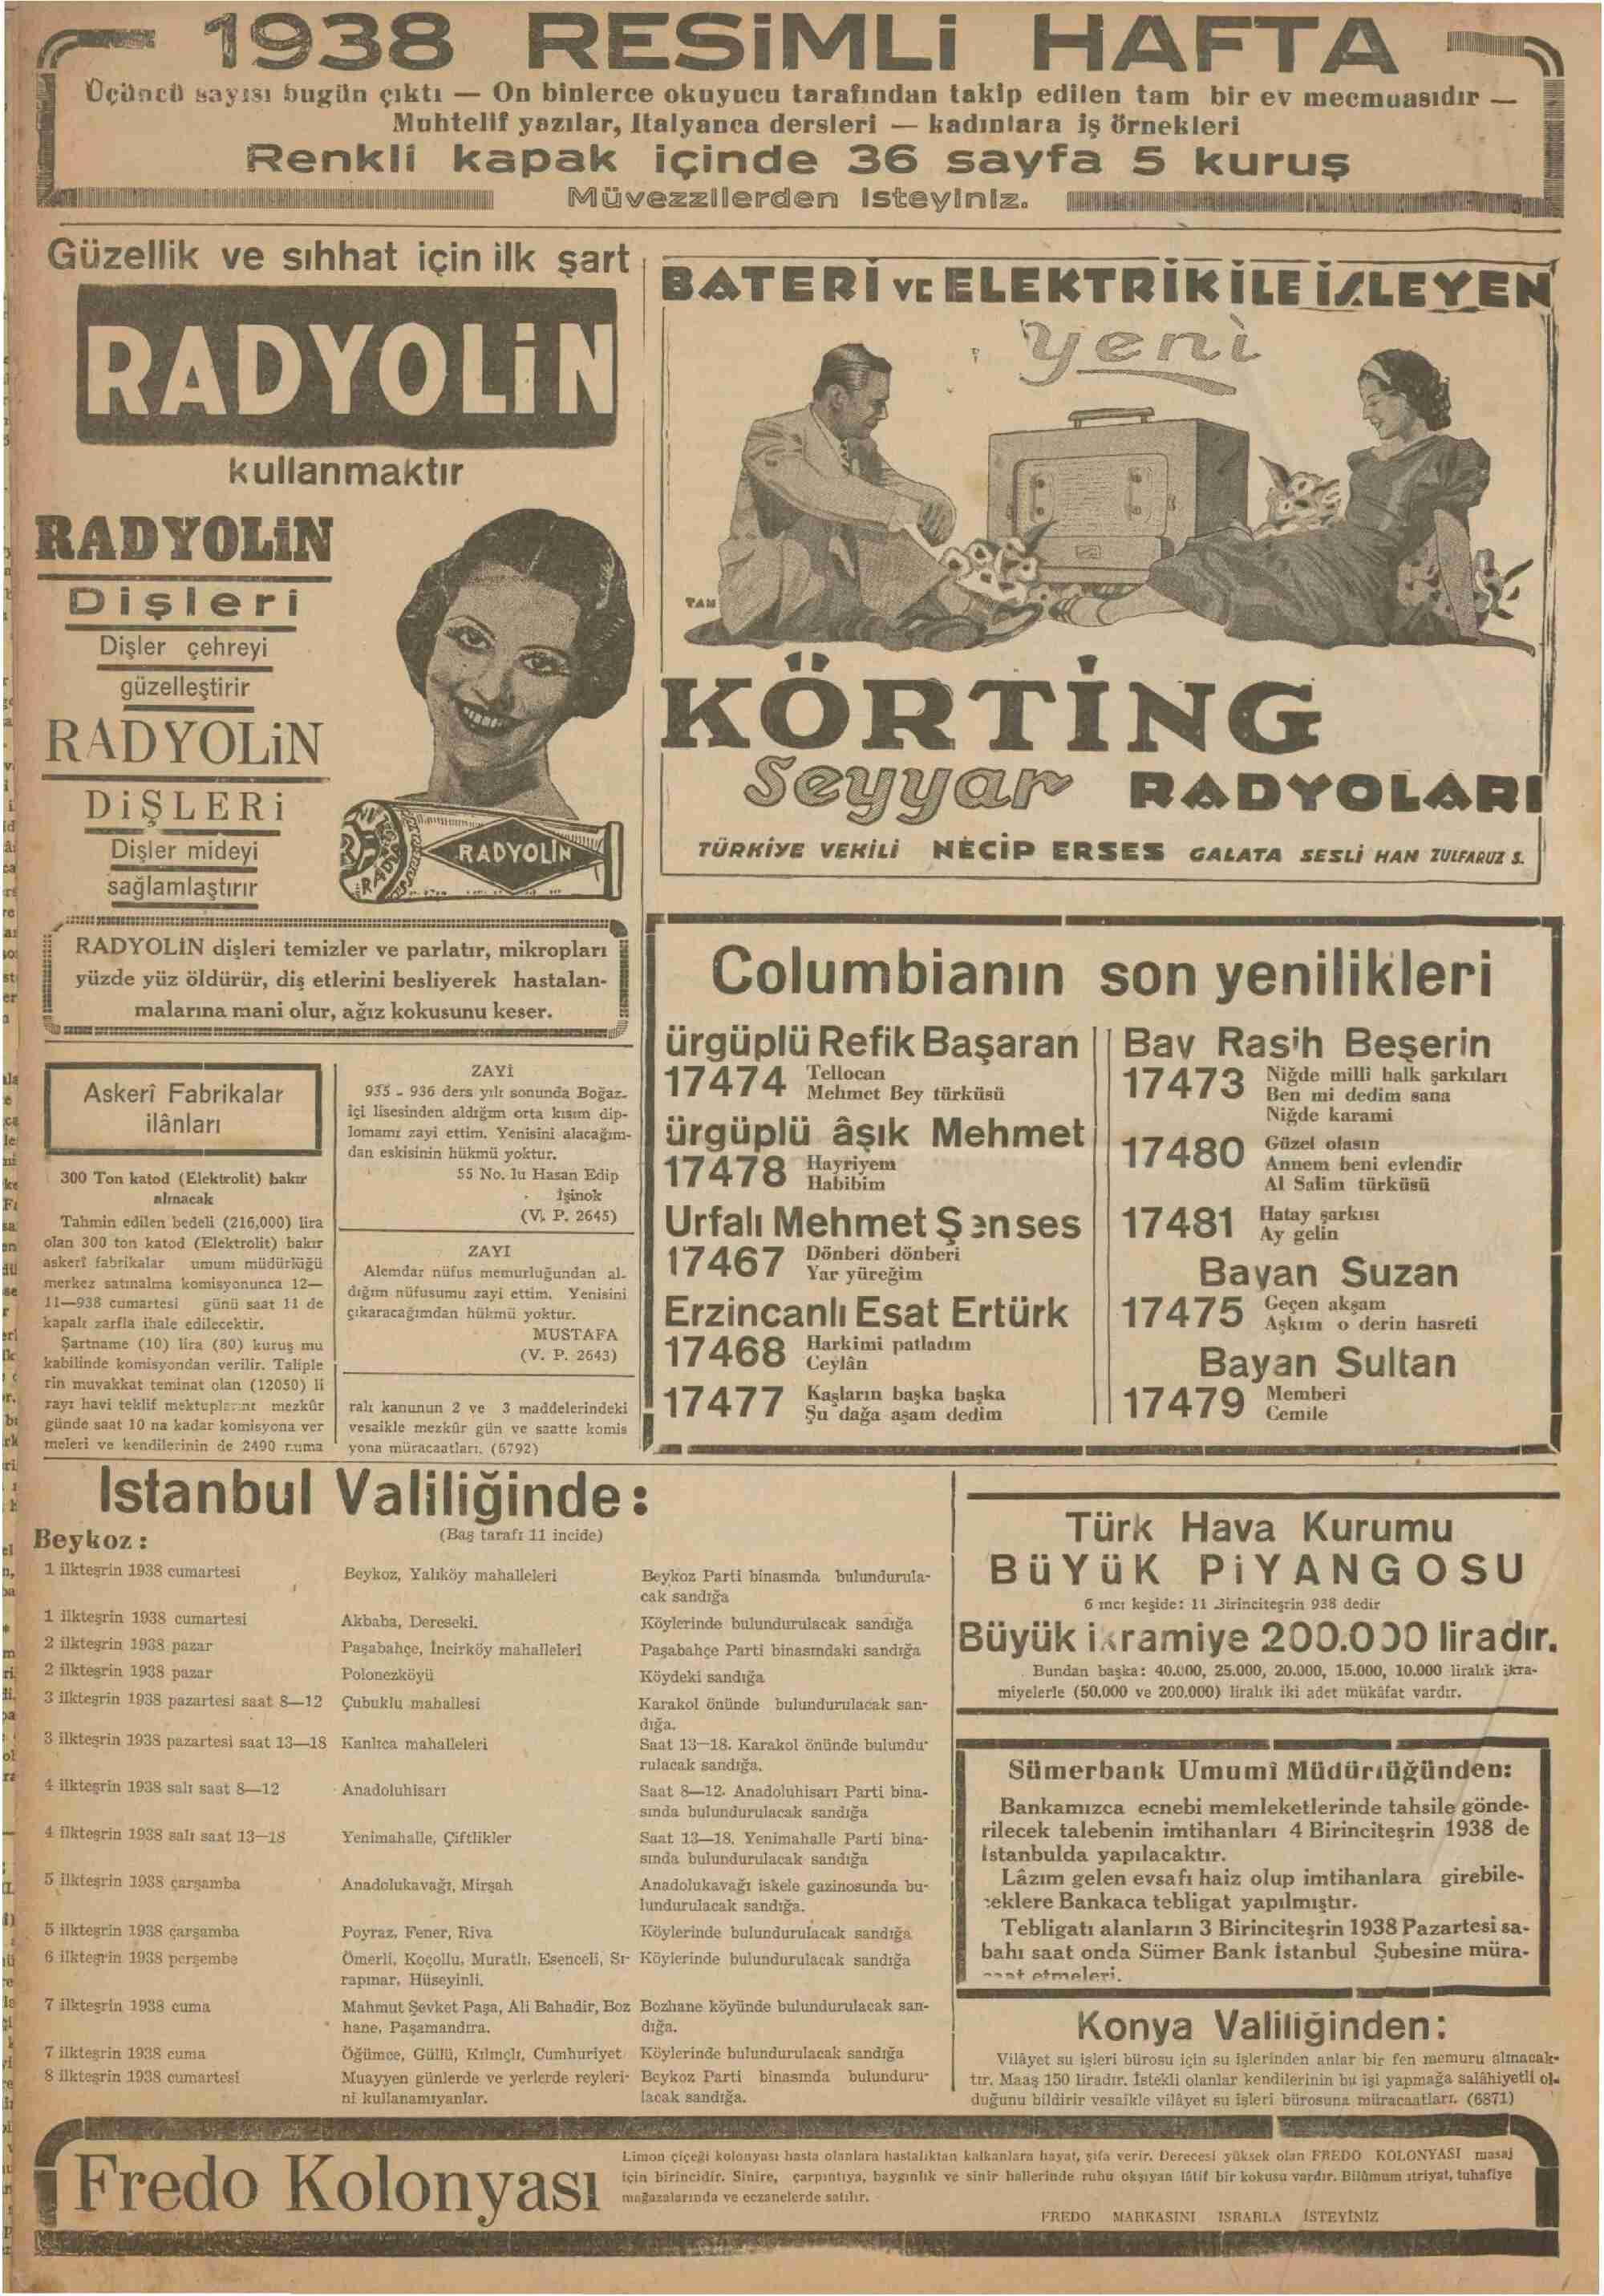 1 Ekim 1938 Tarihli Kurun Dergisi Sayfa 12